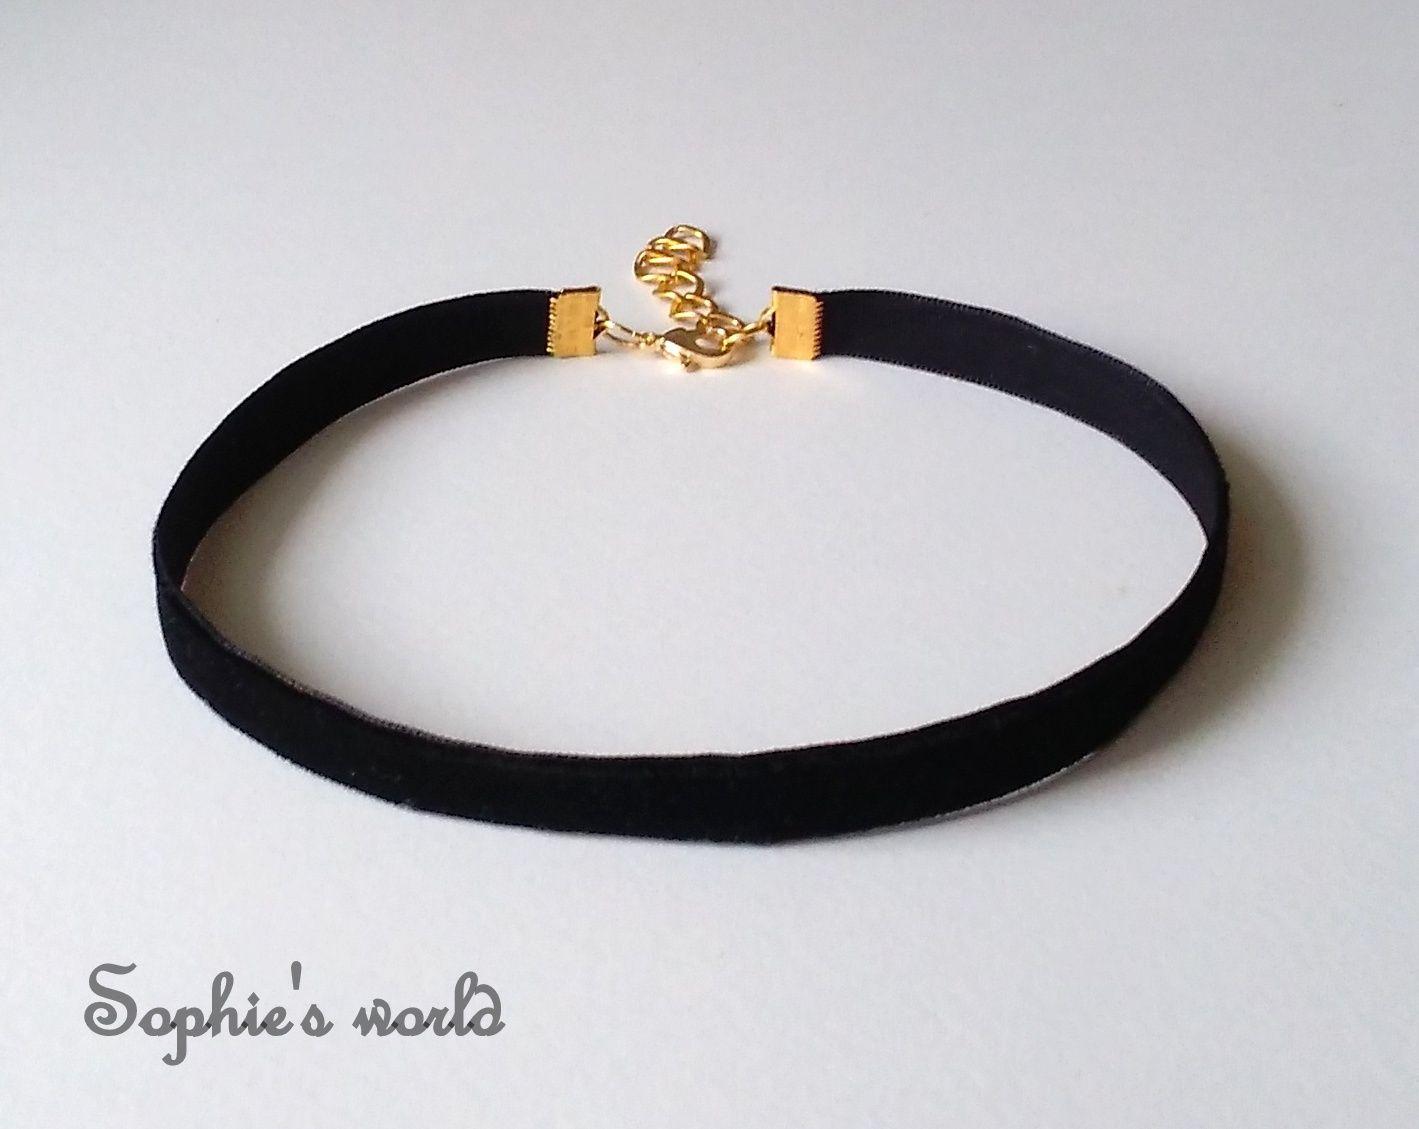 Τσόκερ κολιέ κλασικό μαύρο βελούδινο με επίχρυσο κούμπωμα  choker  necklace   black  velvet 2b4922599a3